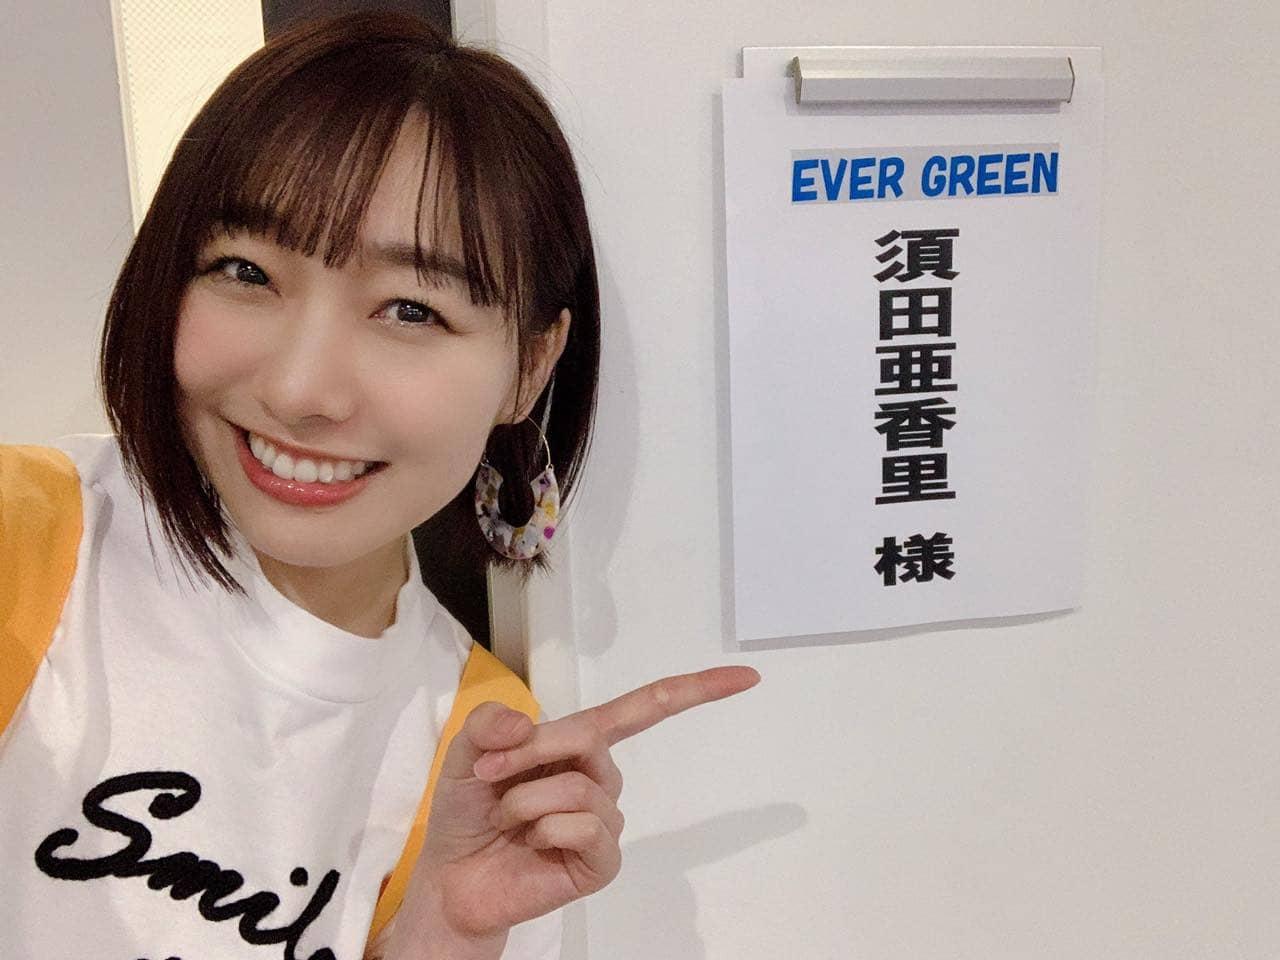 SKE48 須田亜香里が競馬ミニ番組「EVERGREEN」に出演!【関西テレビ】